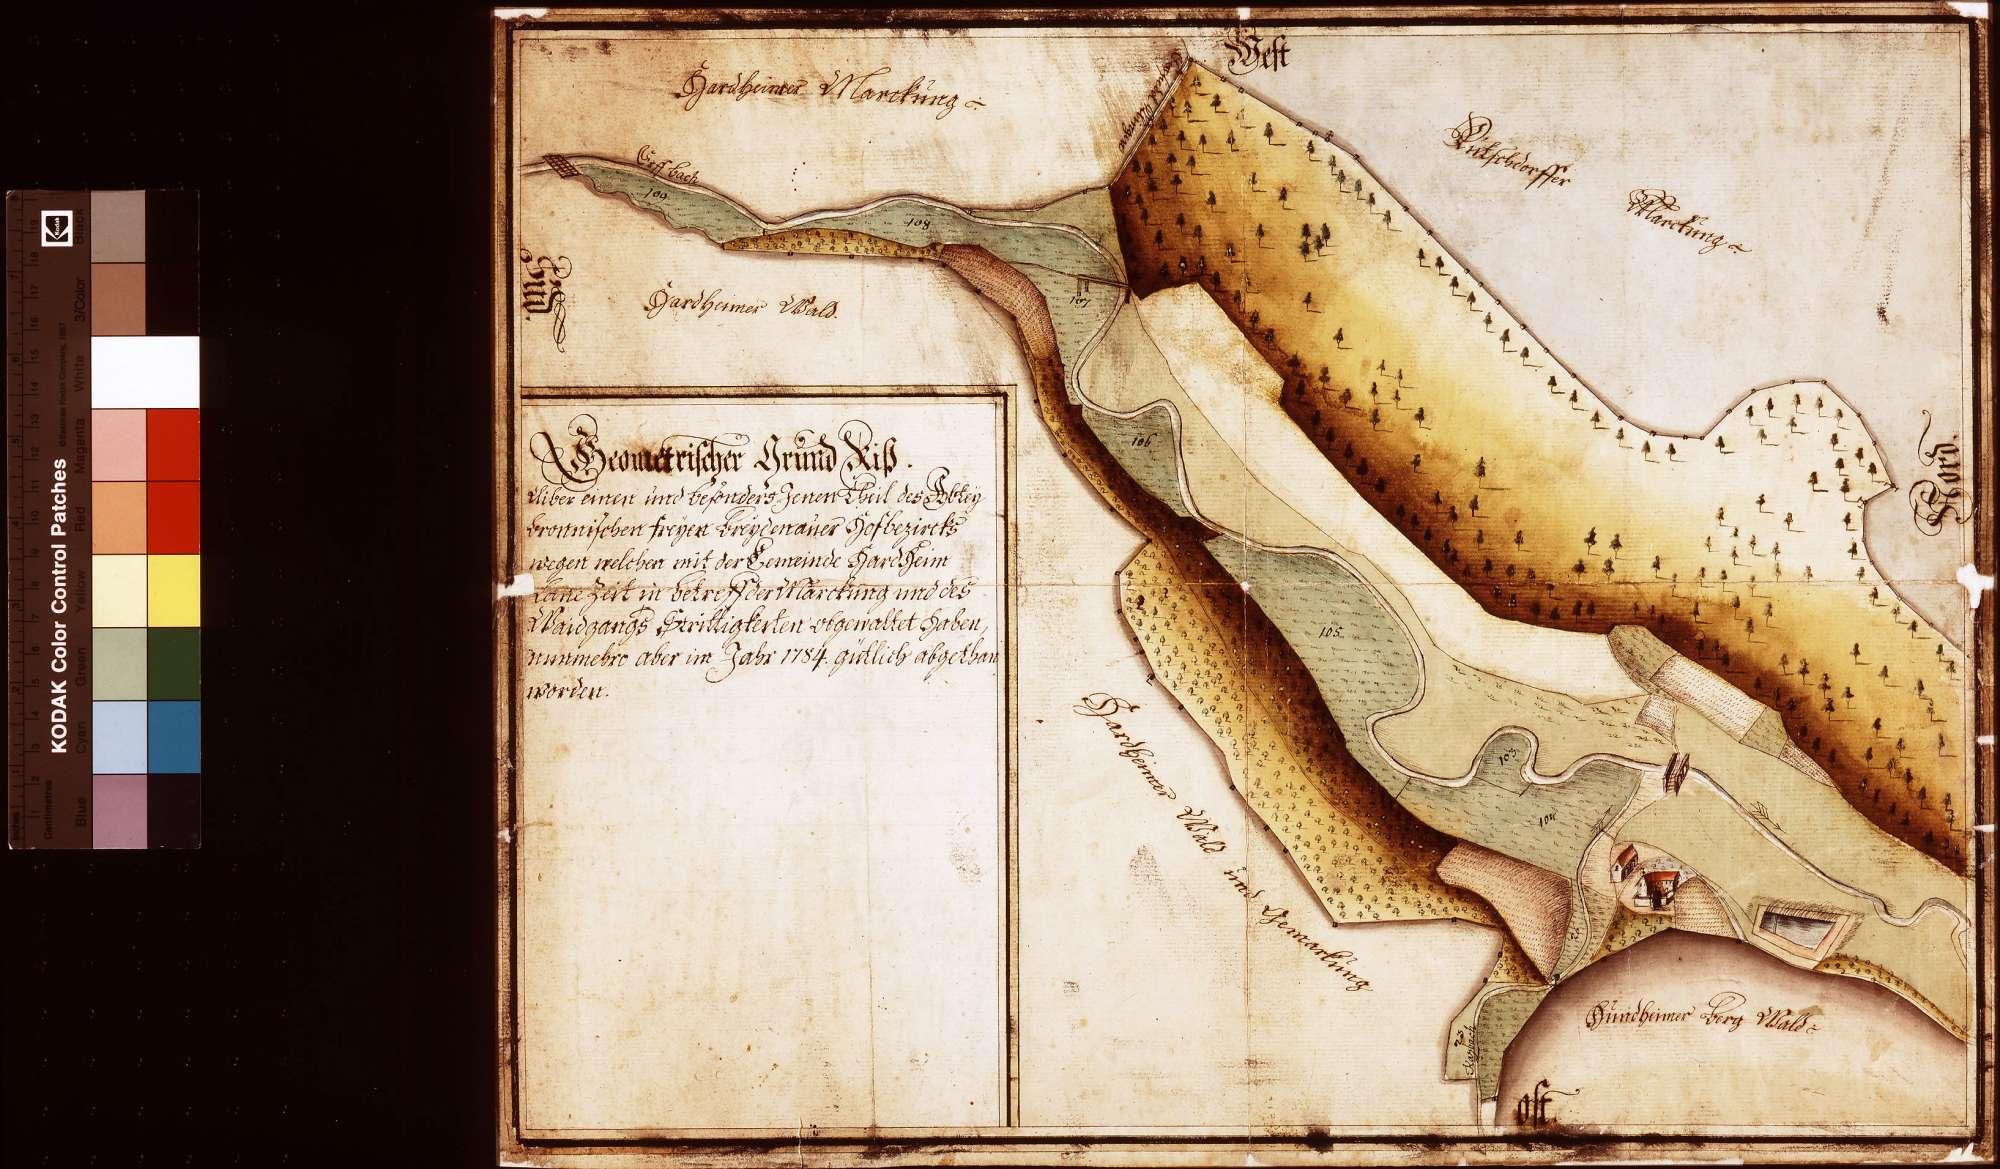 Geometrischer Grundriss jenes Teils des bronnbachischen Breitenauer Hofbezirks, wegen welchem mit der Gemeinde Hardheim lange Zeit in Betreff der Markung und des Weidgangs Strittigkeiten bestanden haben (Inselkarte), Bild 1